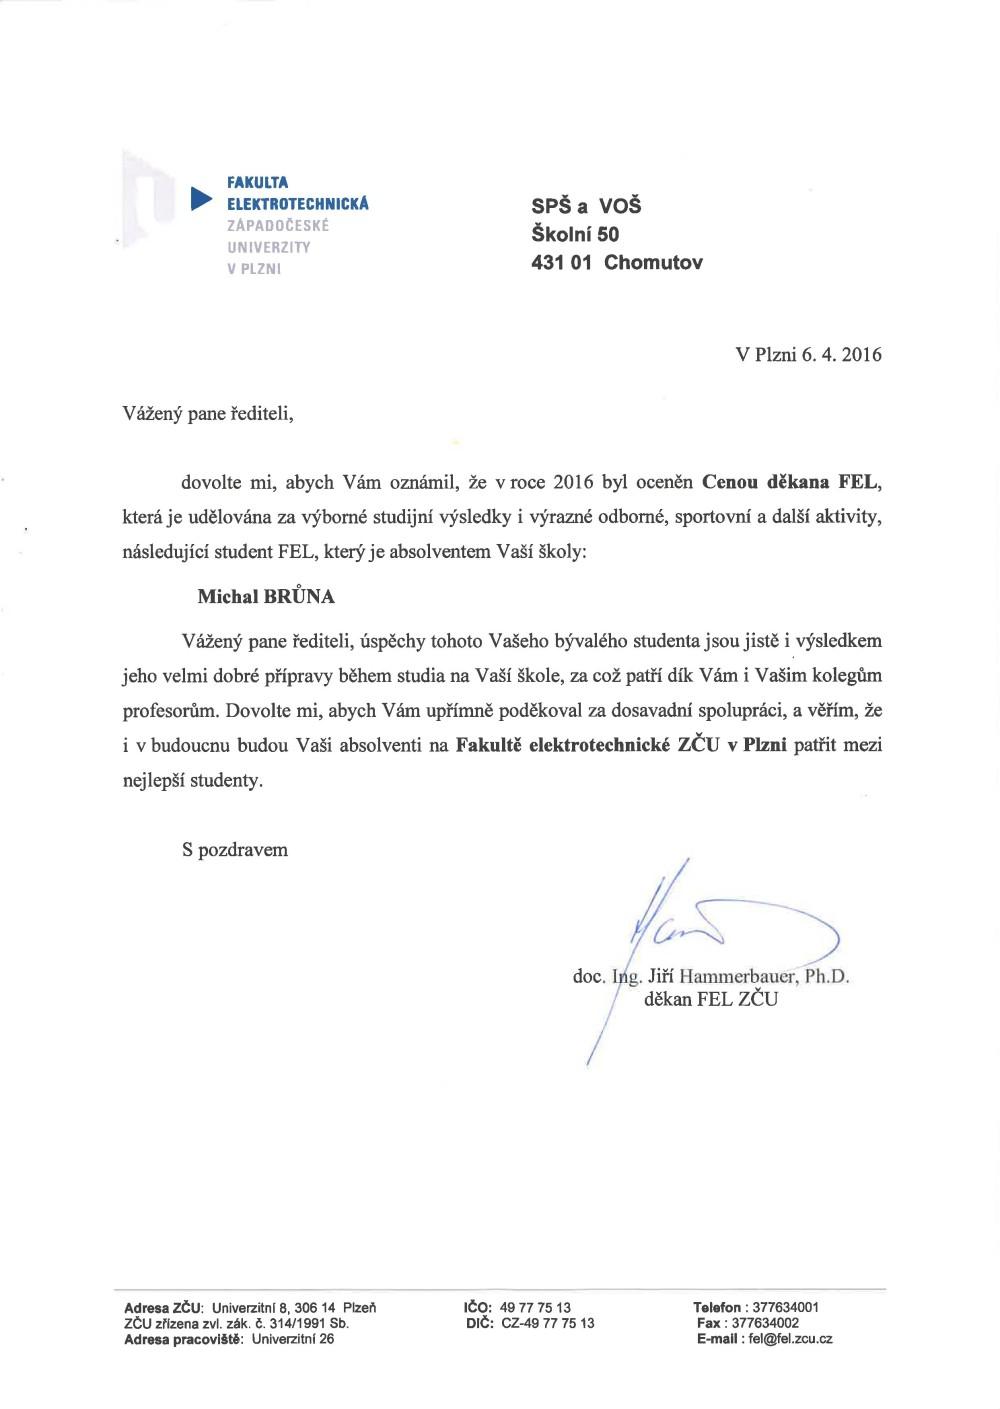 dopis-zcu